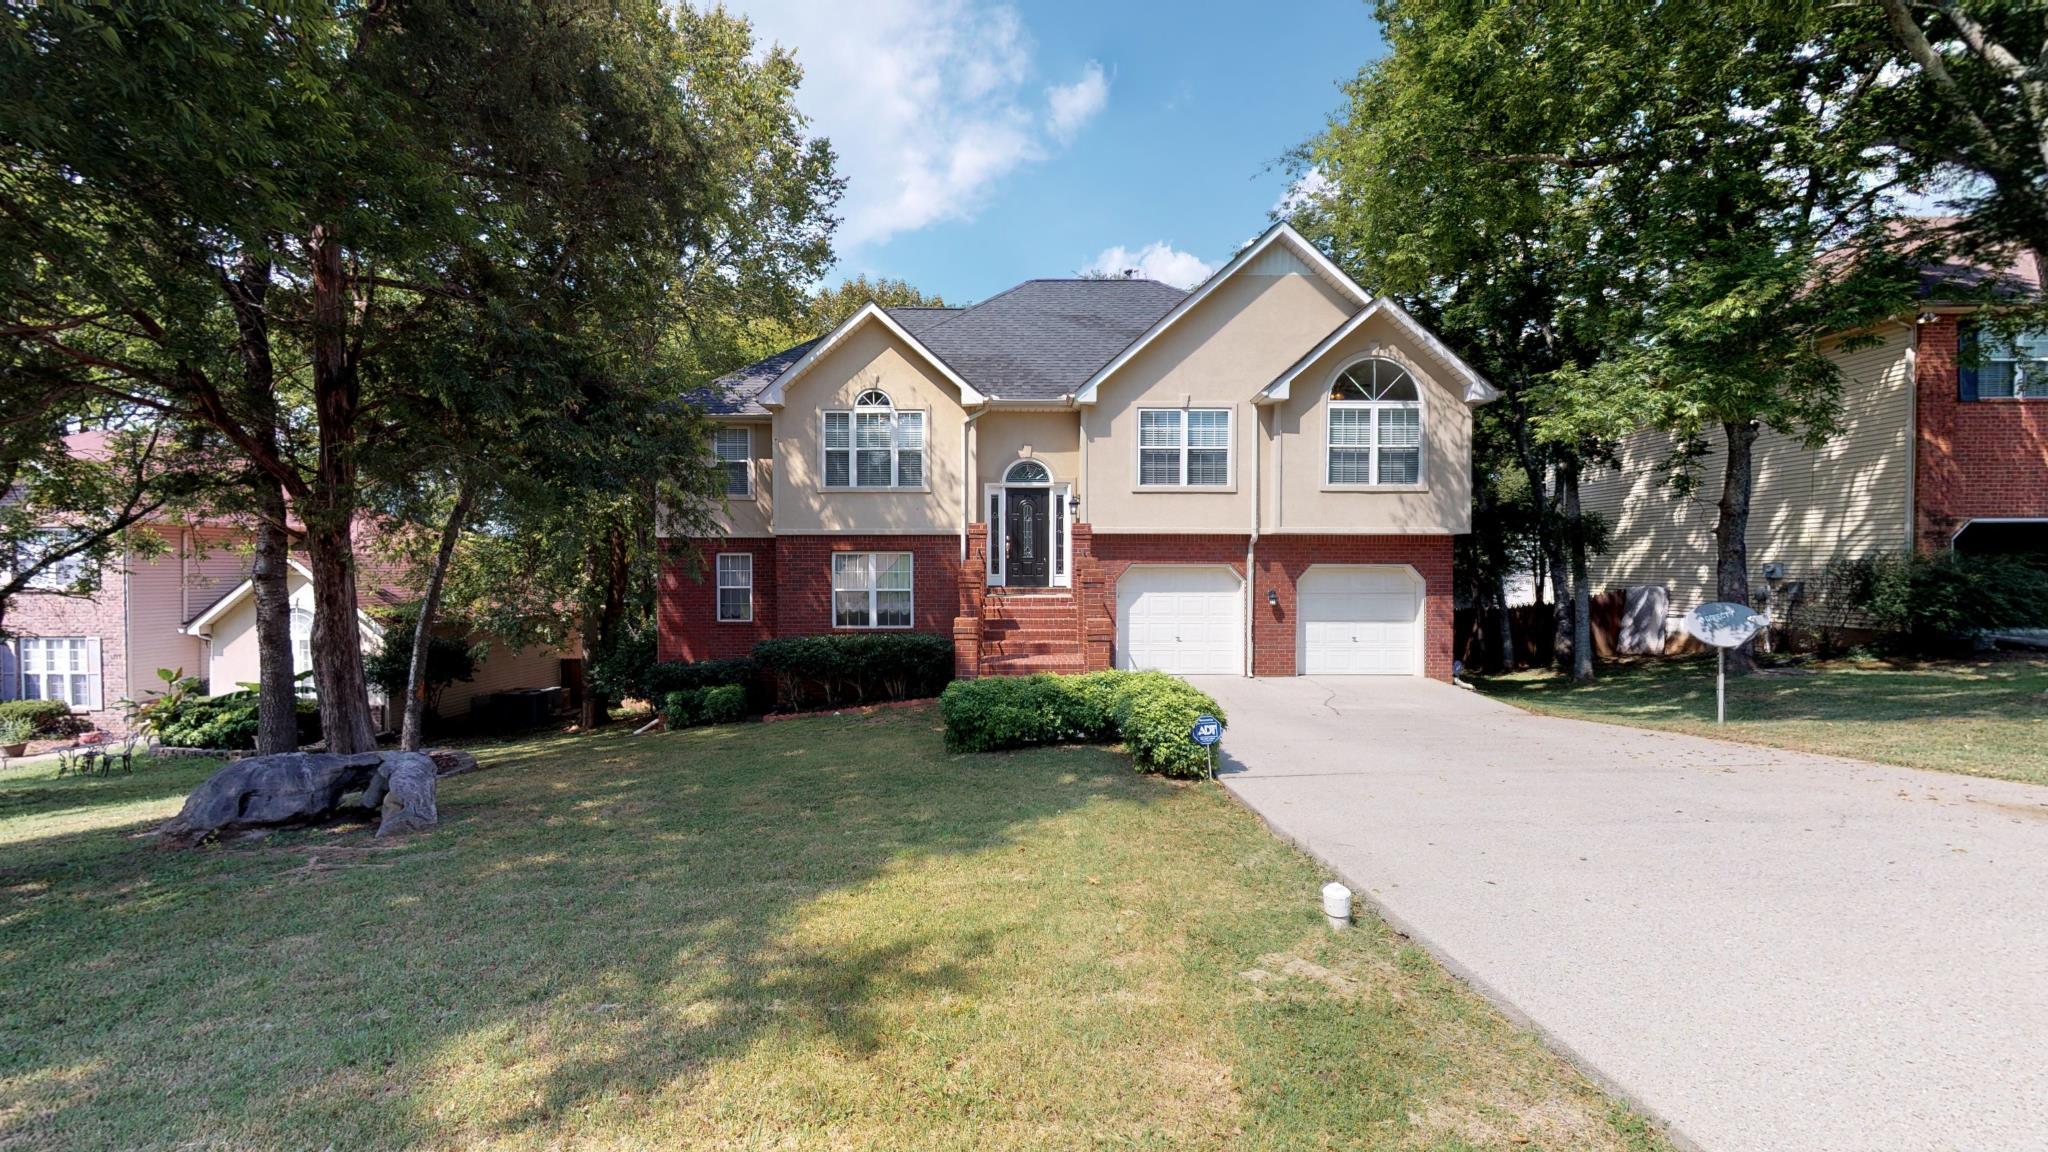 1215 Highland Hills Dr, LA VERGNE, TN 37086 - LA VERGNE, TN real estate listing